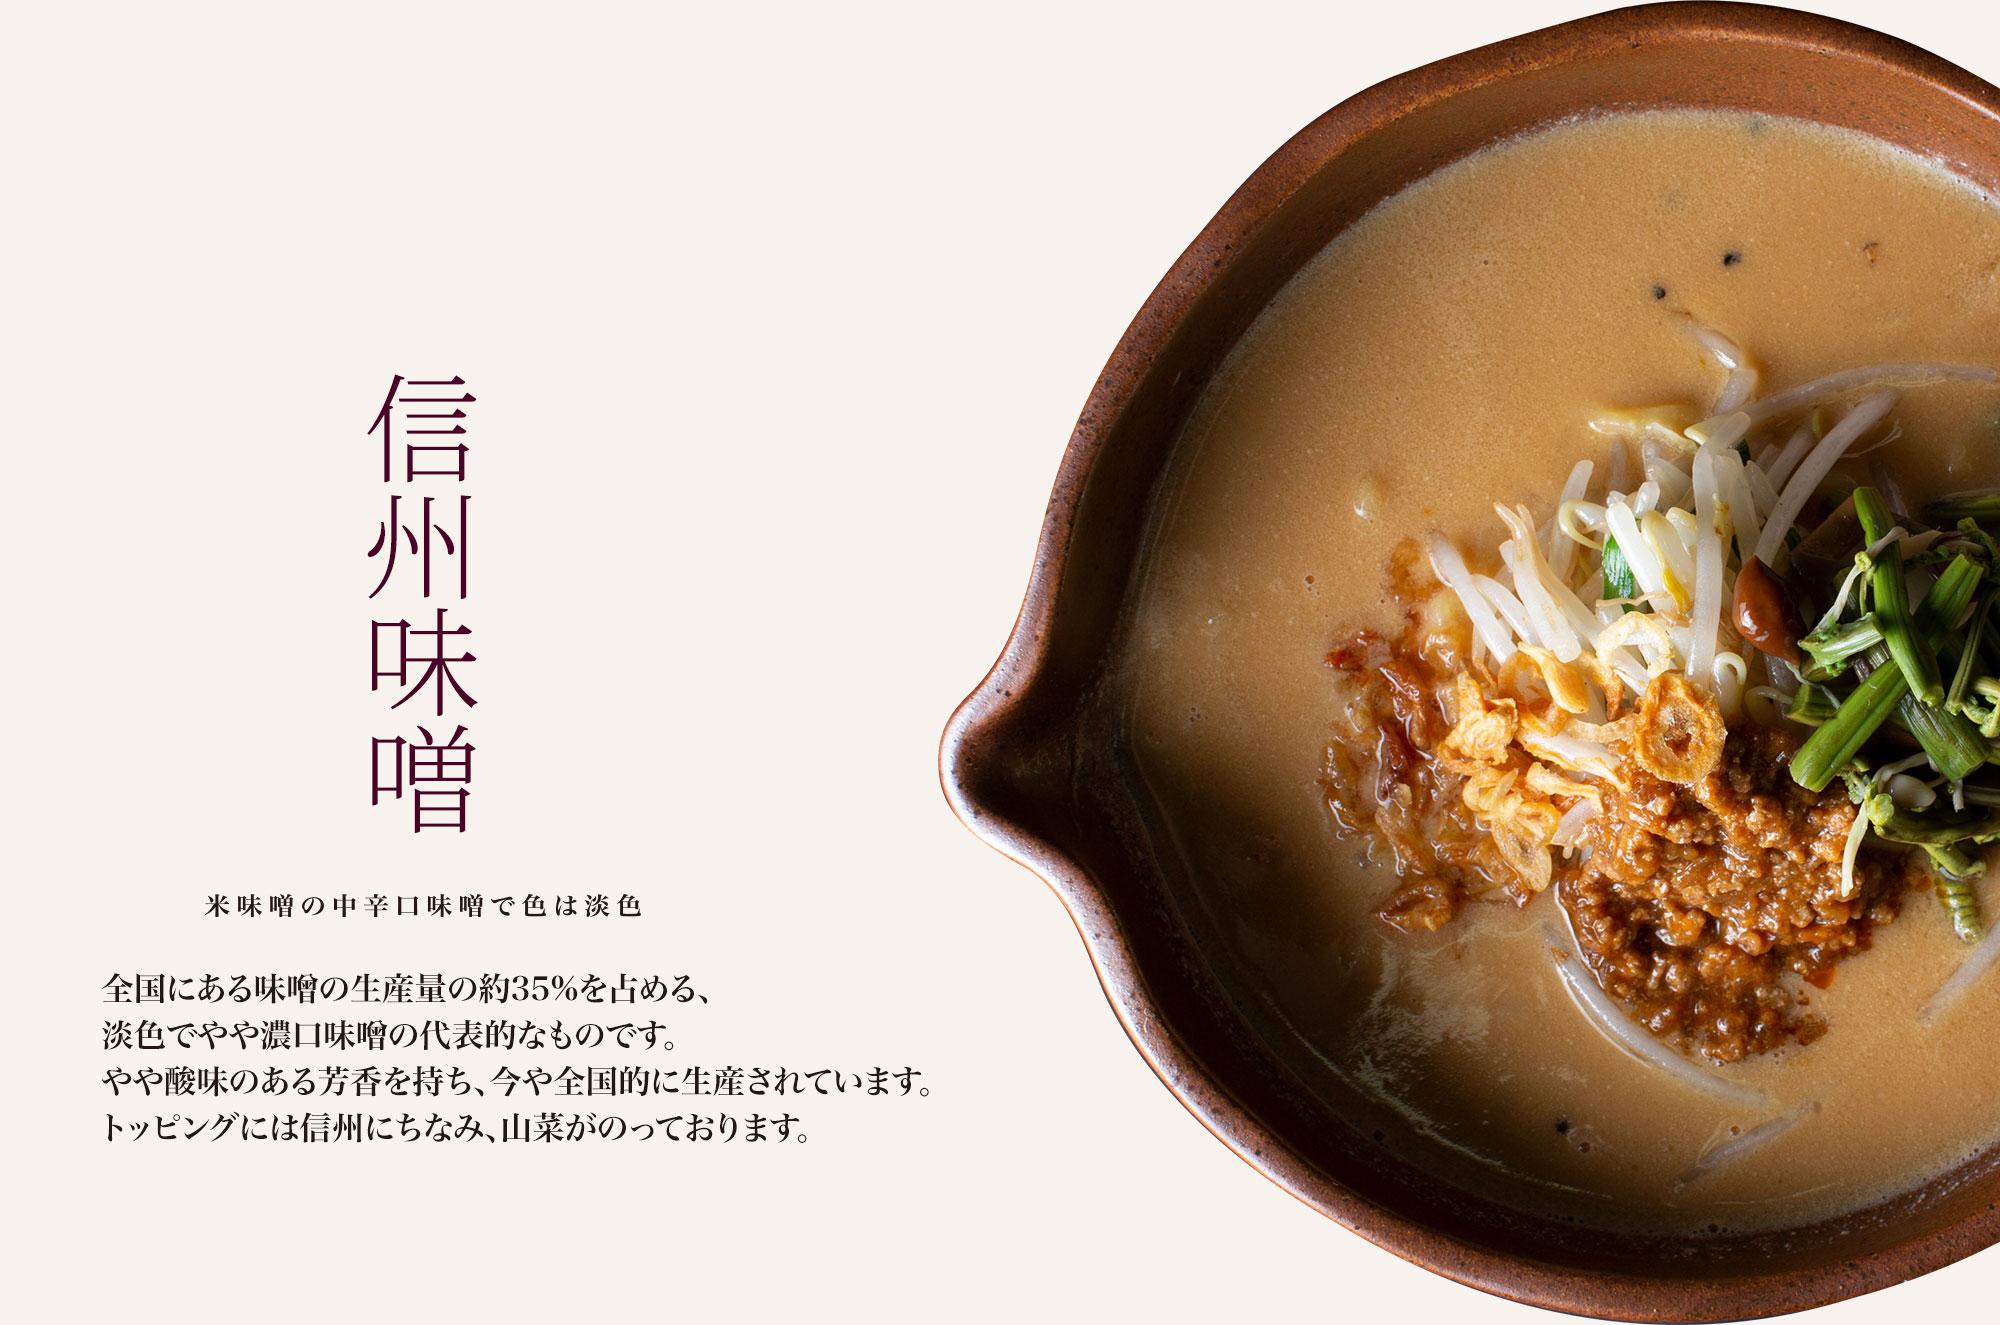 【信州味噌 米味噌の中辛口味噌で色は淡色】全国にある味噌の生産量の約35%を占める、淡色でやや濃口味噌の代表的なものです。やや酸味のある芳香を持ち、今や全国的に生産されています。トッピングには信州にちなみ、山菜がのっております。